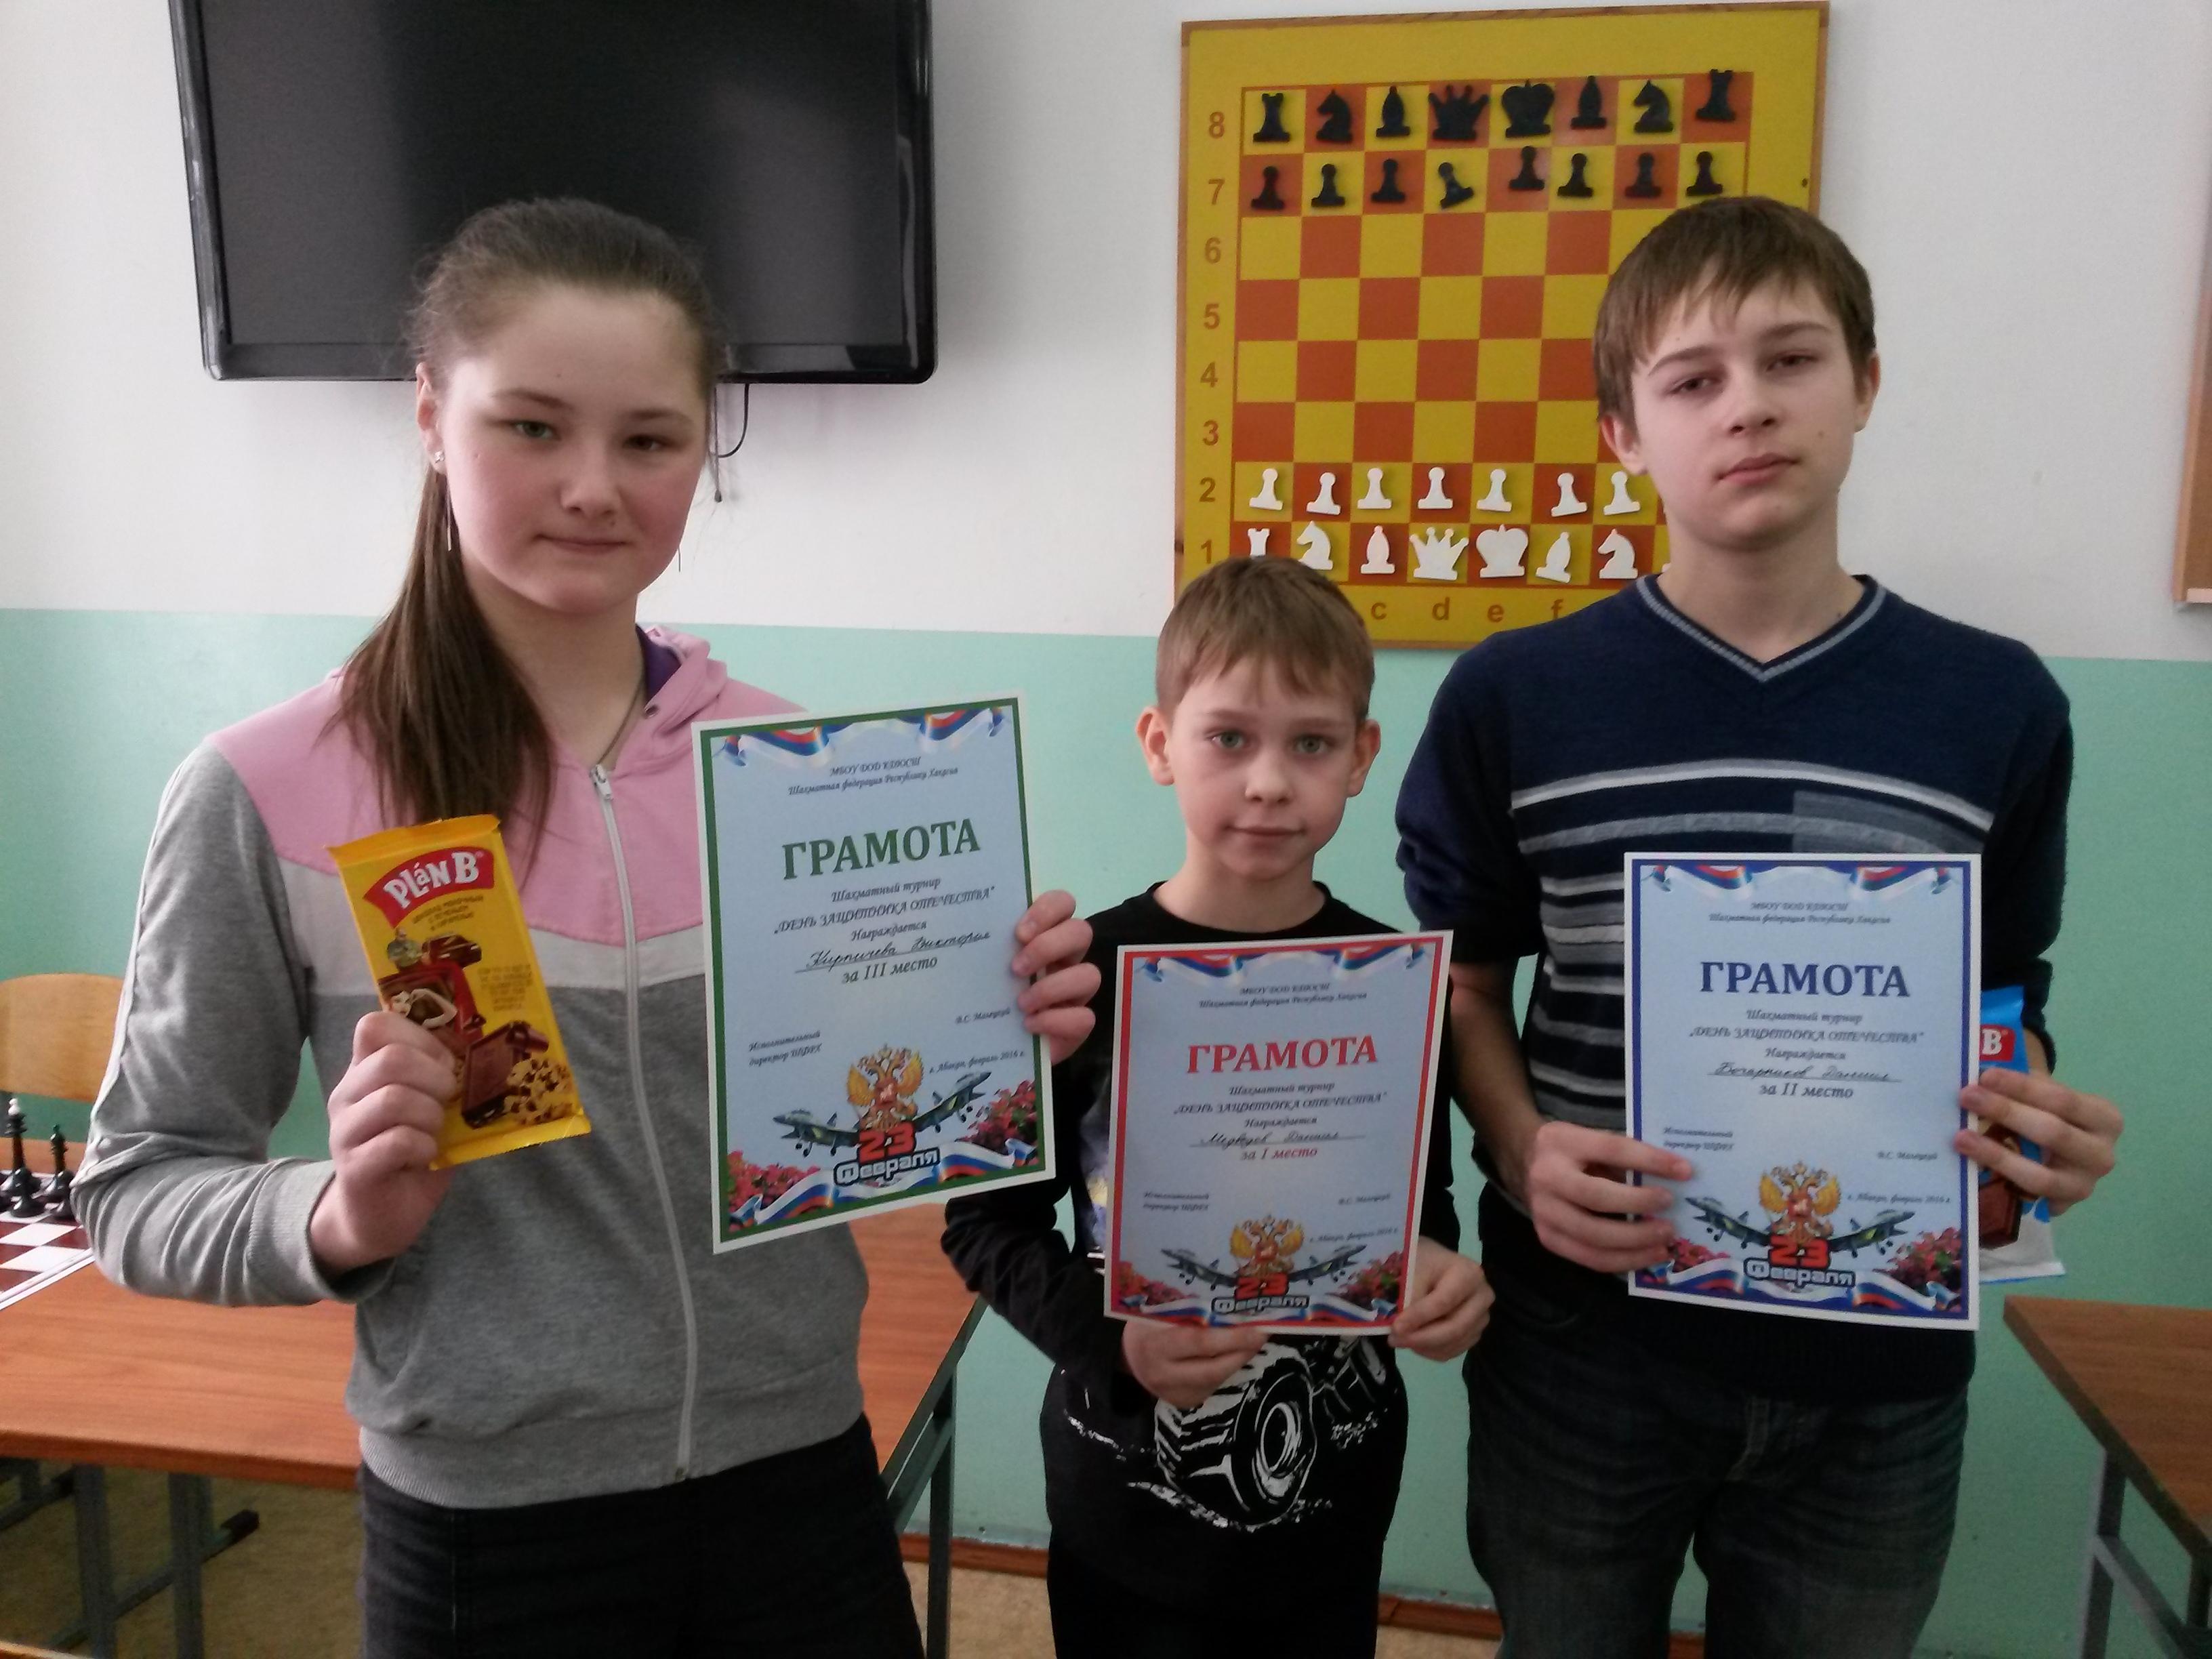 В центре победитель турнира В Медведев Даниил, справа Бочарников  Даниил(2 место), слева Кирпичёва Виктория(3 место)